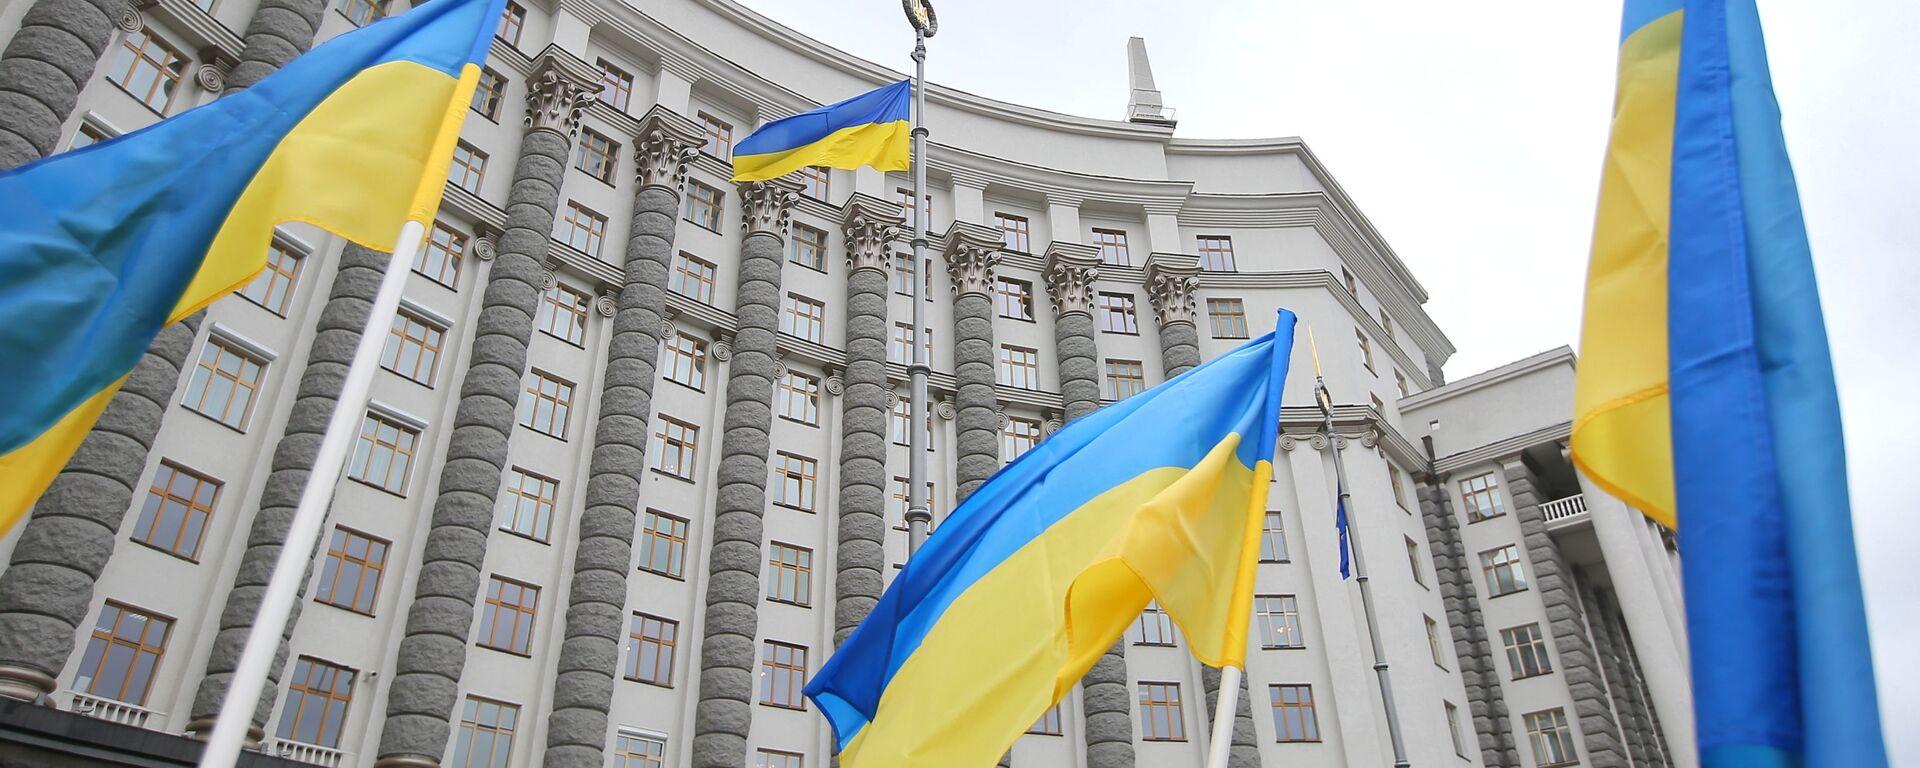 Ukrajinské vlajky u vládní budovy v Kyjevě - Sputnik Česká republika, 1920, 29.09.2021